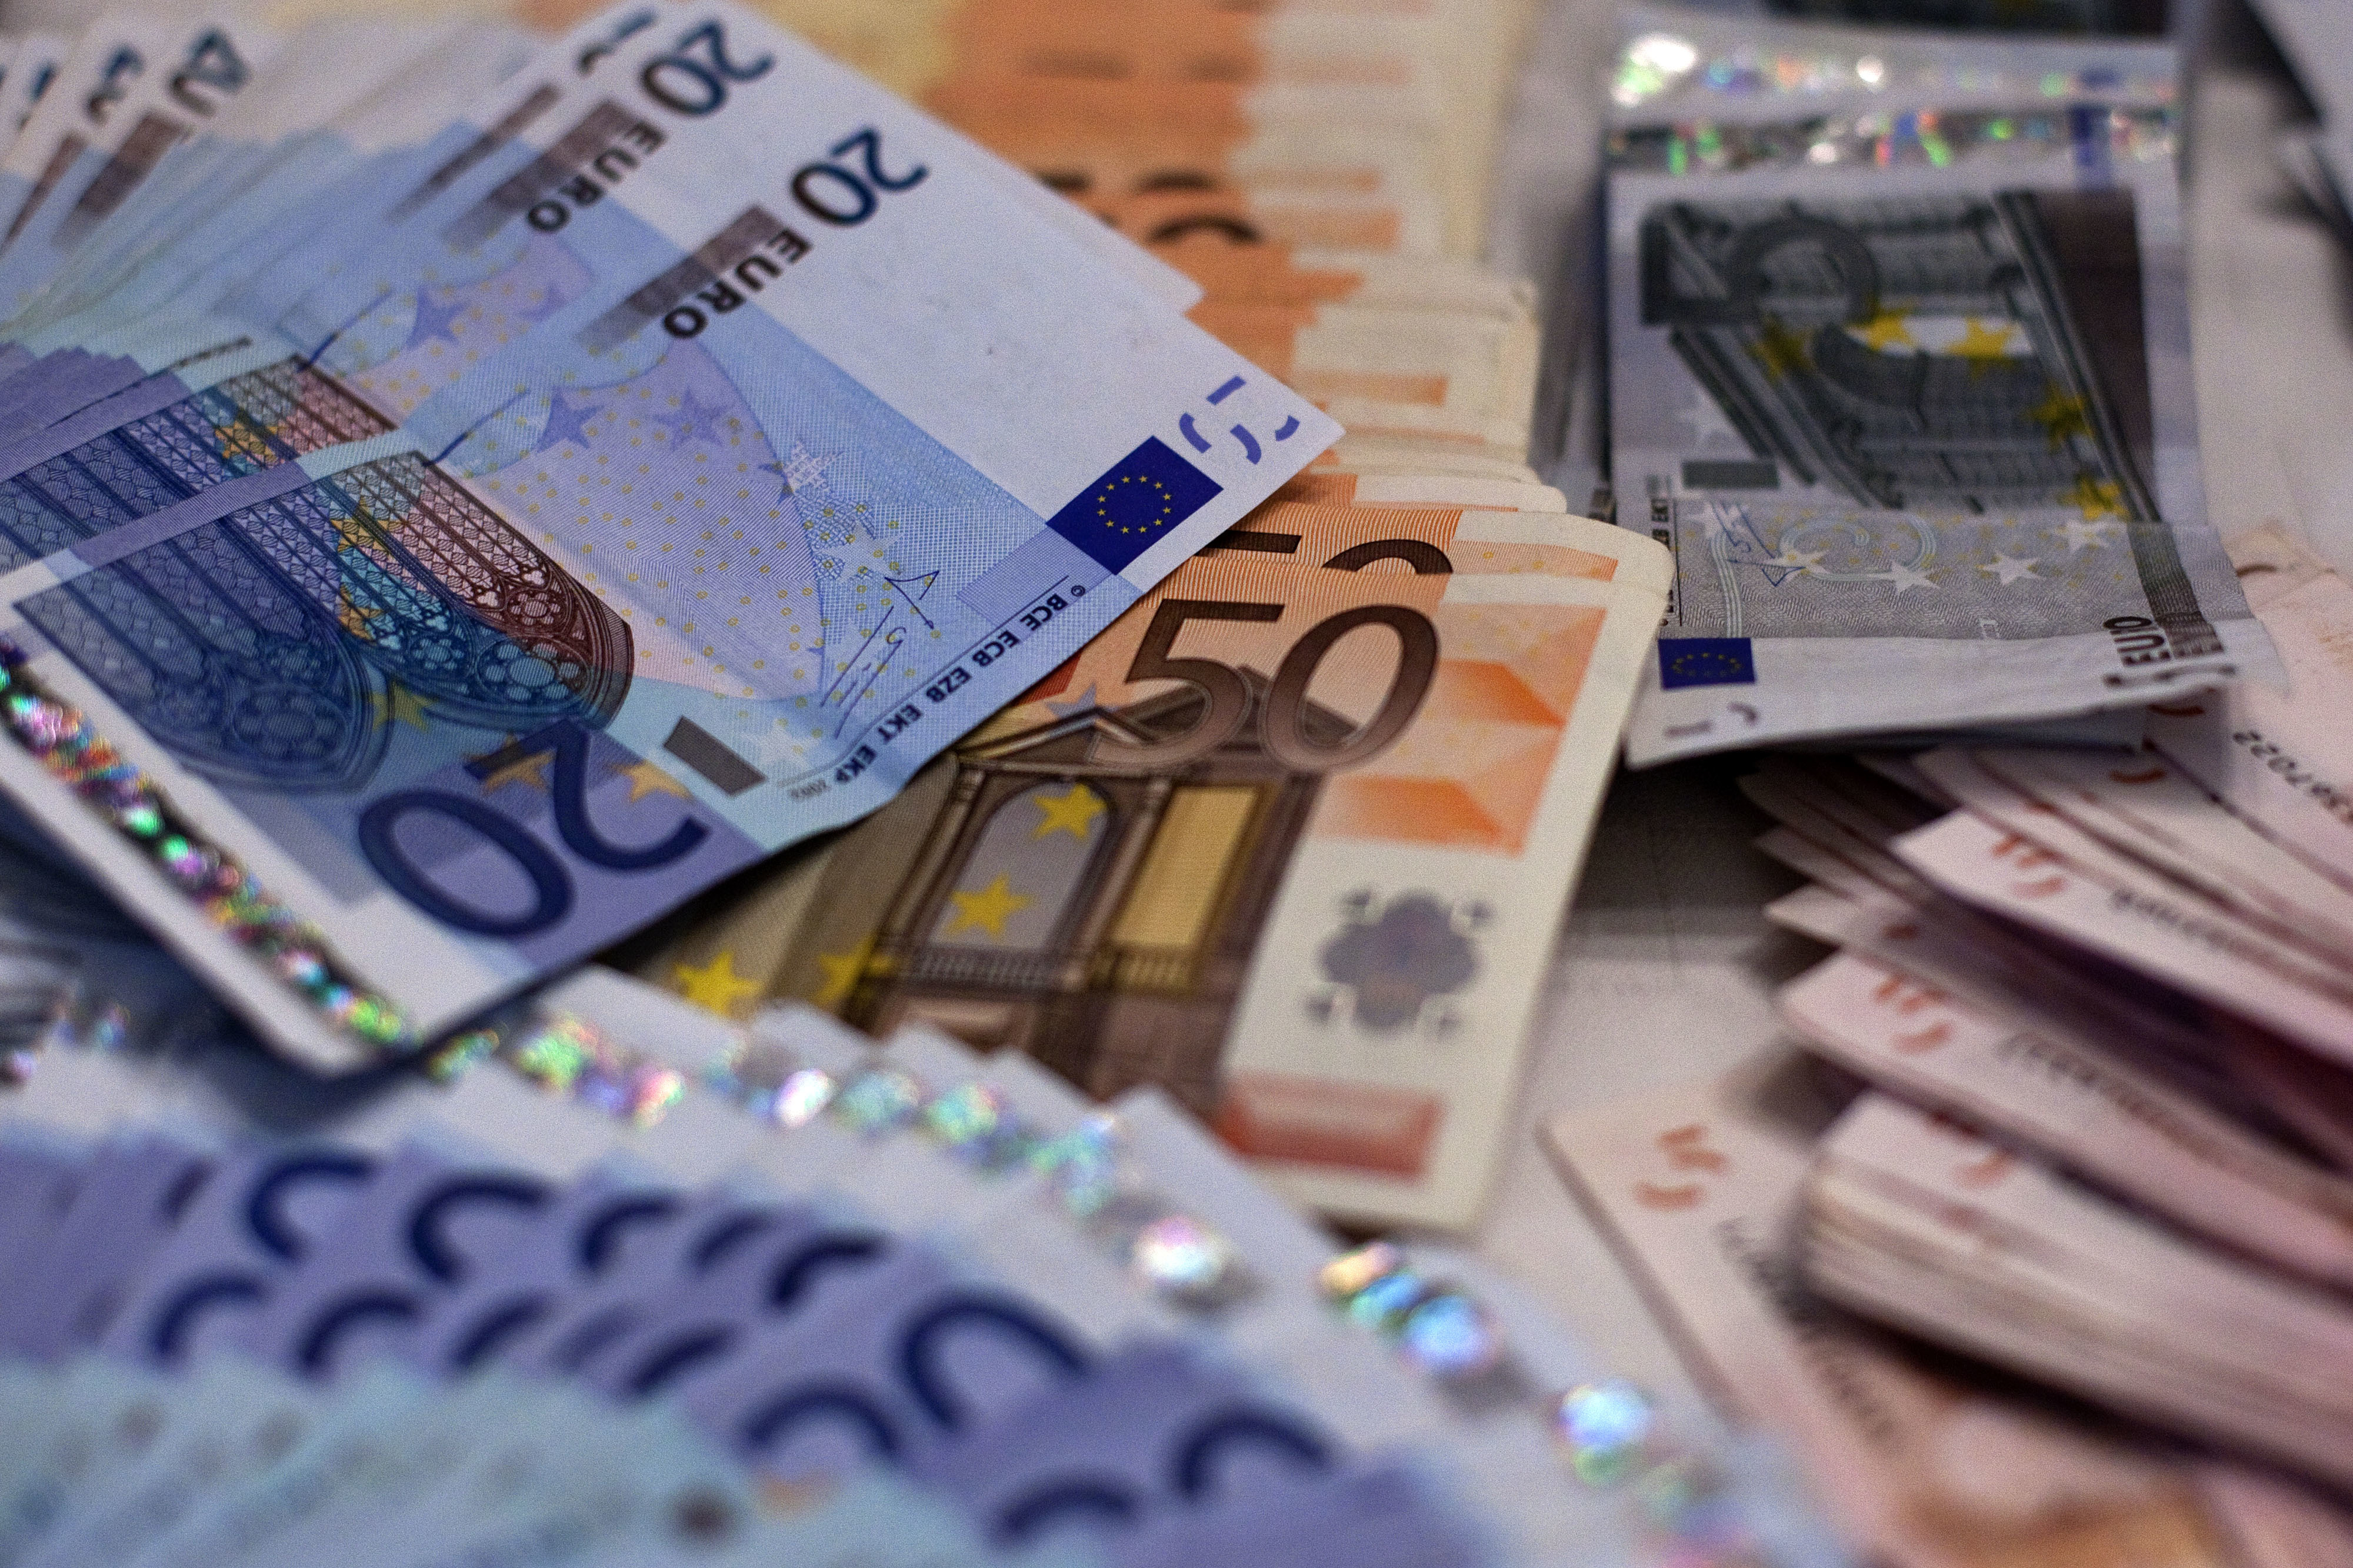 Portugal com défice de 0,1% no 2.º trimestre, abaixo dos 0,7% da zona euro - Eurostat